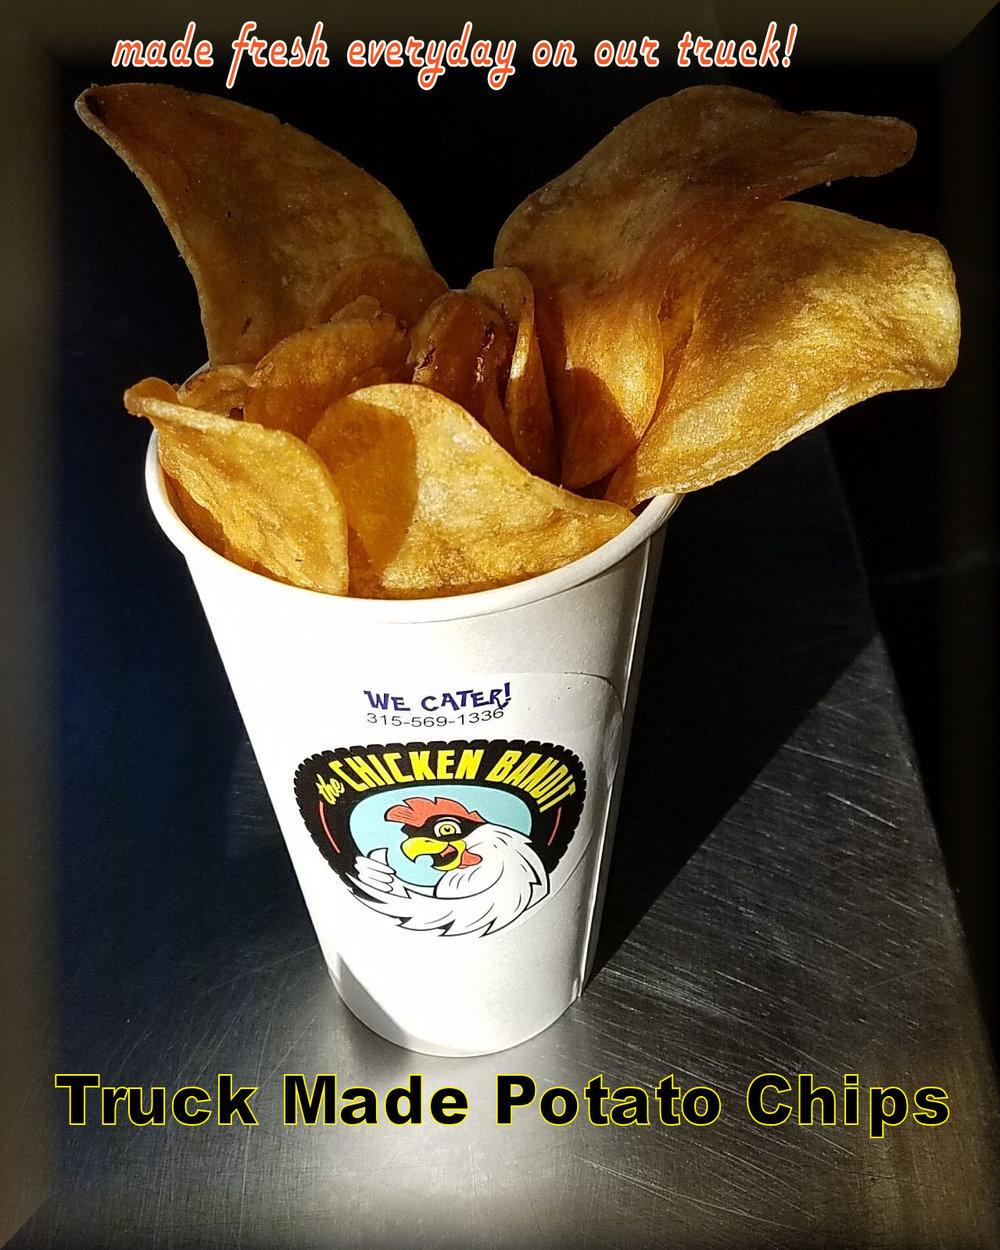 Truck Chips promo2 2017.jpg